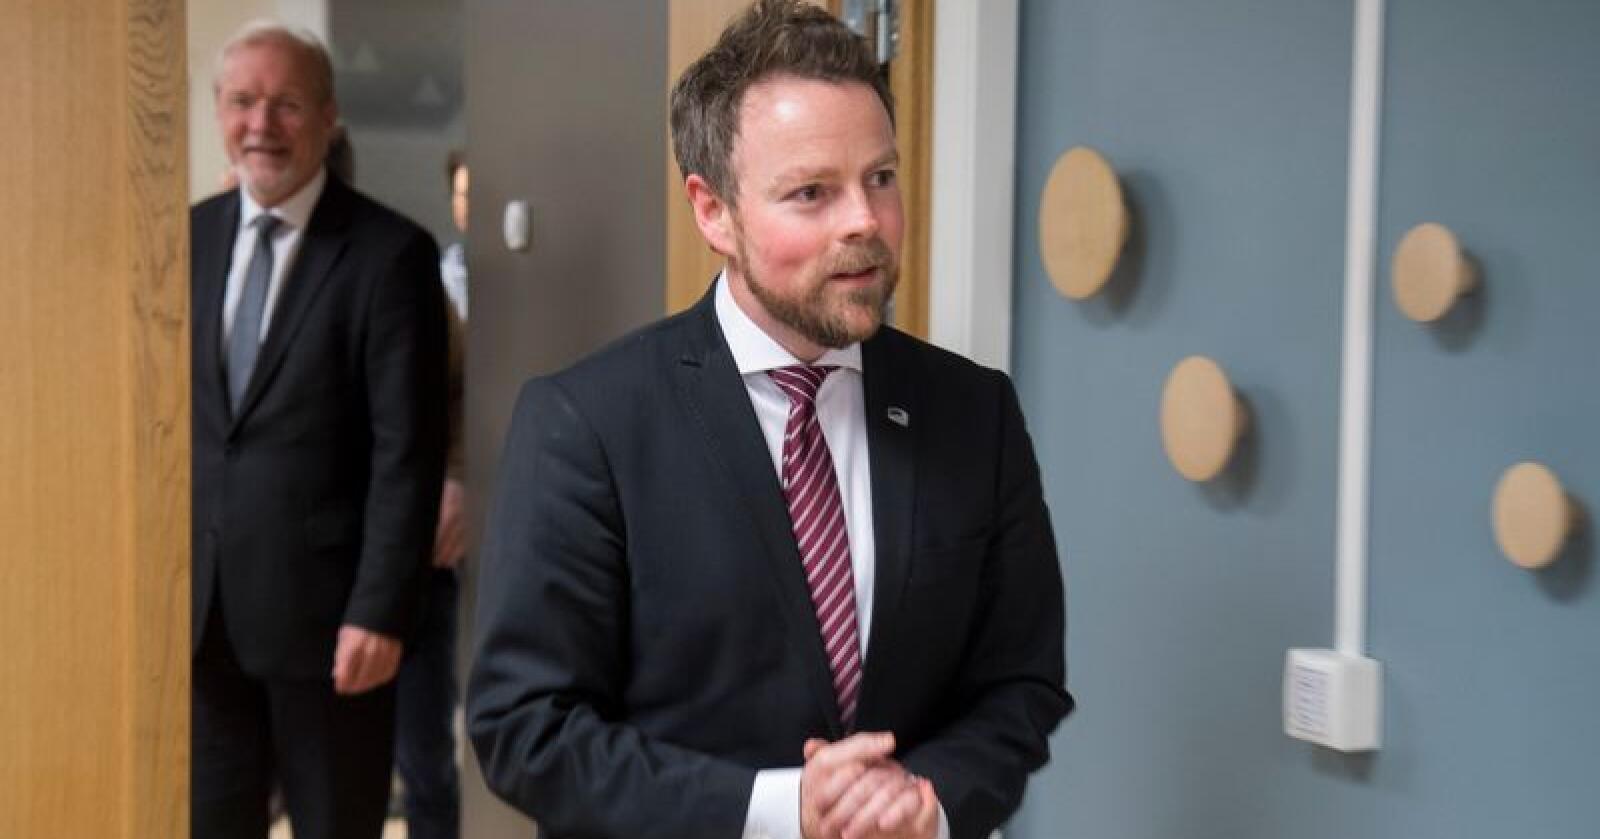 Næringsminister Torbjørn Røe Isaksen gir Nussir AS driftskonsesjon for utvinning av kobber i Kvalsund i Finnmark. Foto: Heiko Junge / NTB scanpix